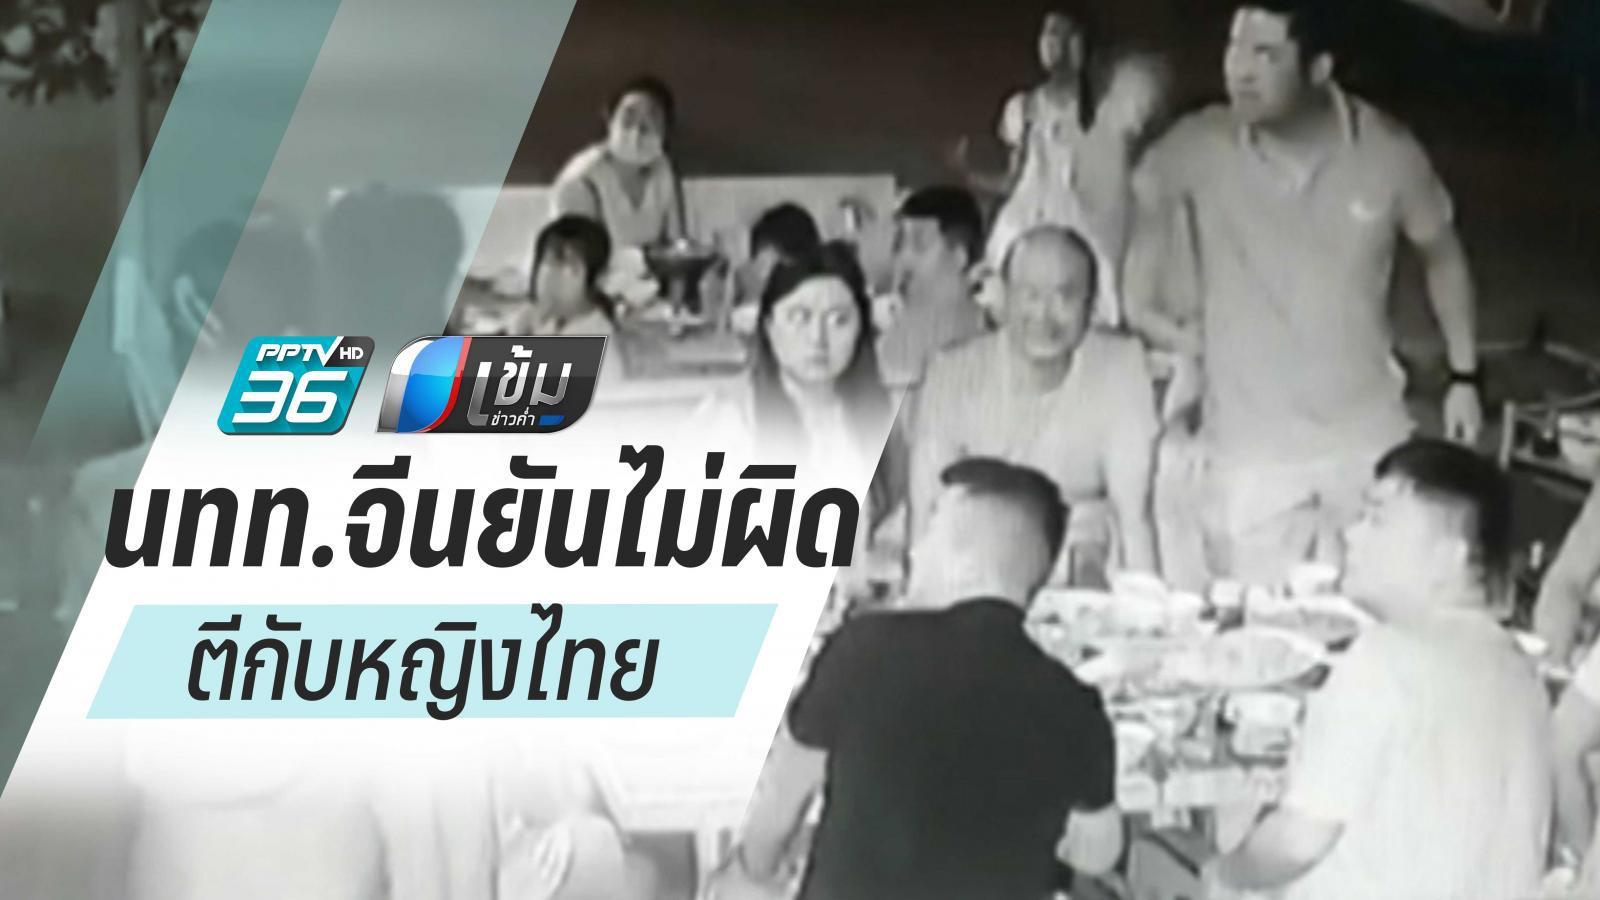 นทท.จีนยันไม่ผิด ตีกับหญิงไทย อ้างโดนด่าหยาบคายก่อน ยอมชดใช้ค่าเสียหายร้านอาหาร